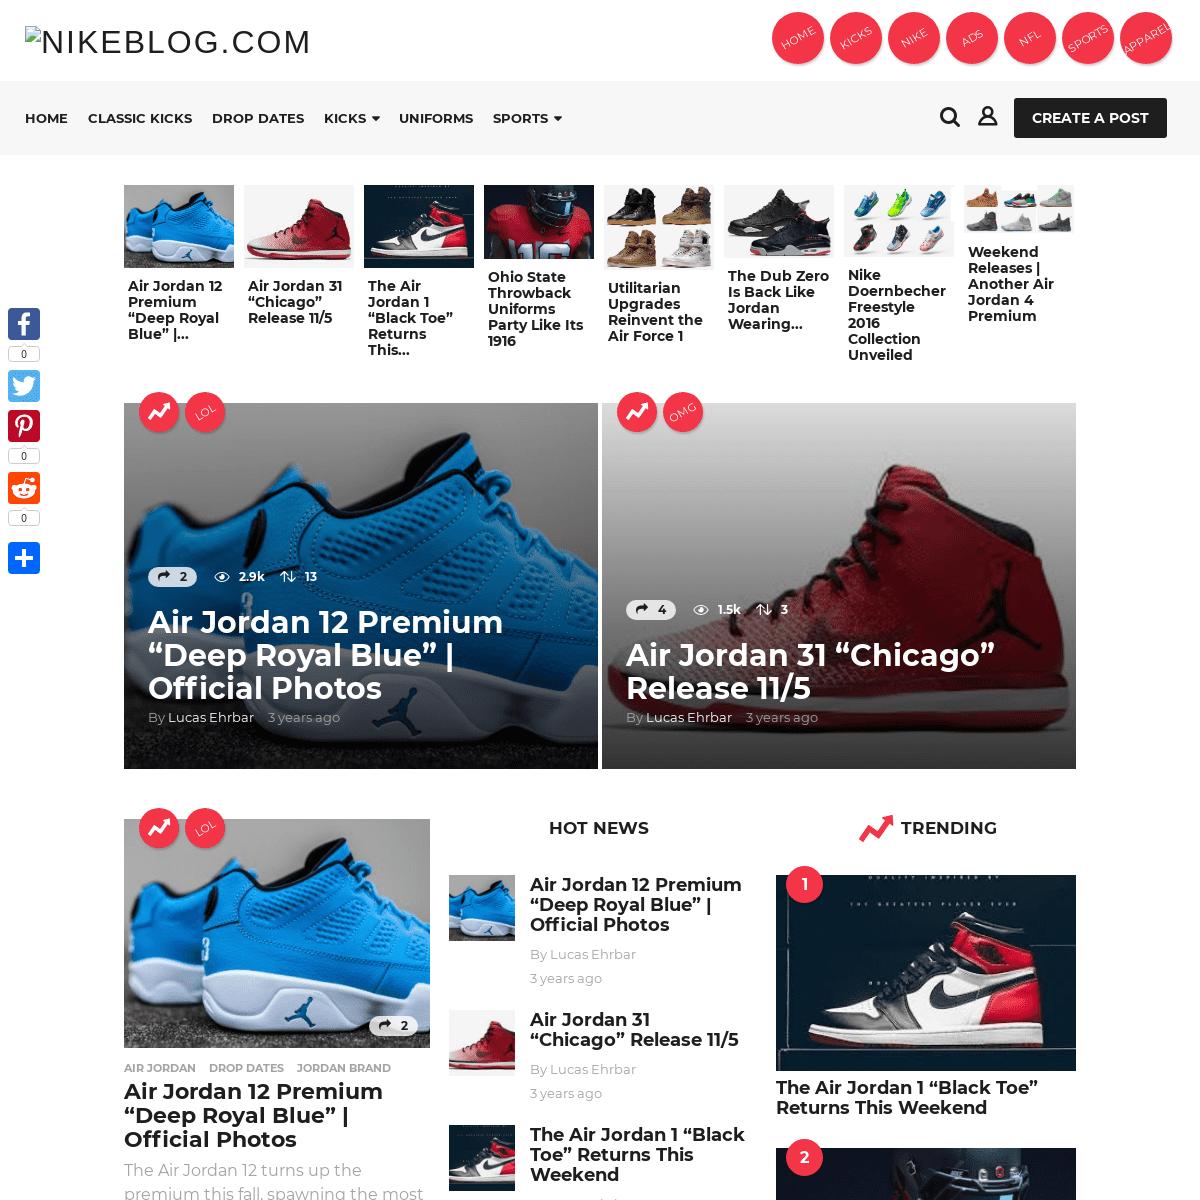 Home Page - Nikeblog.com